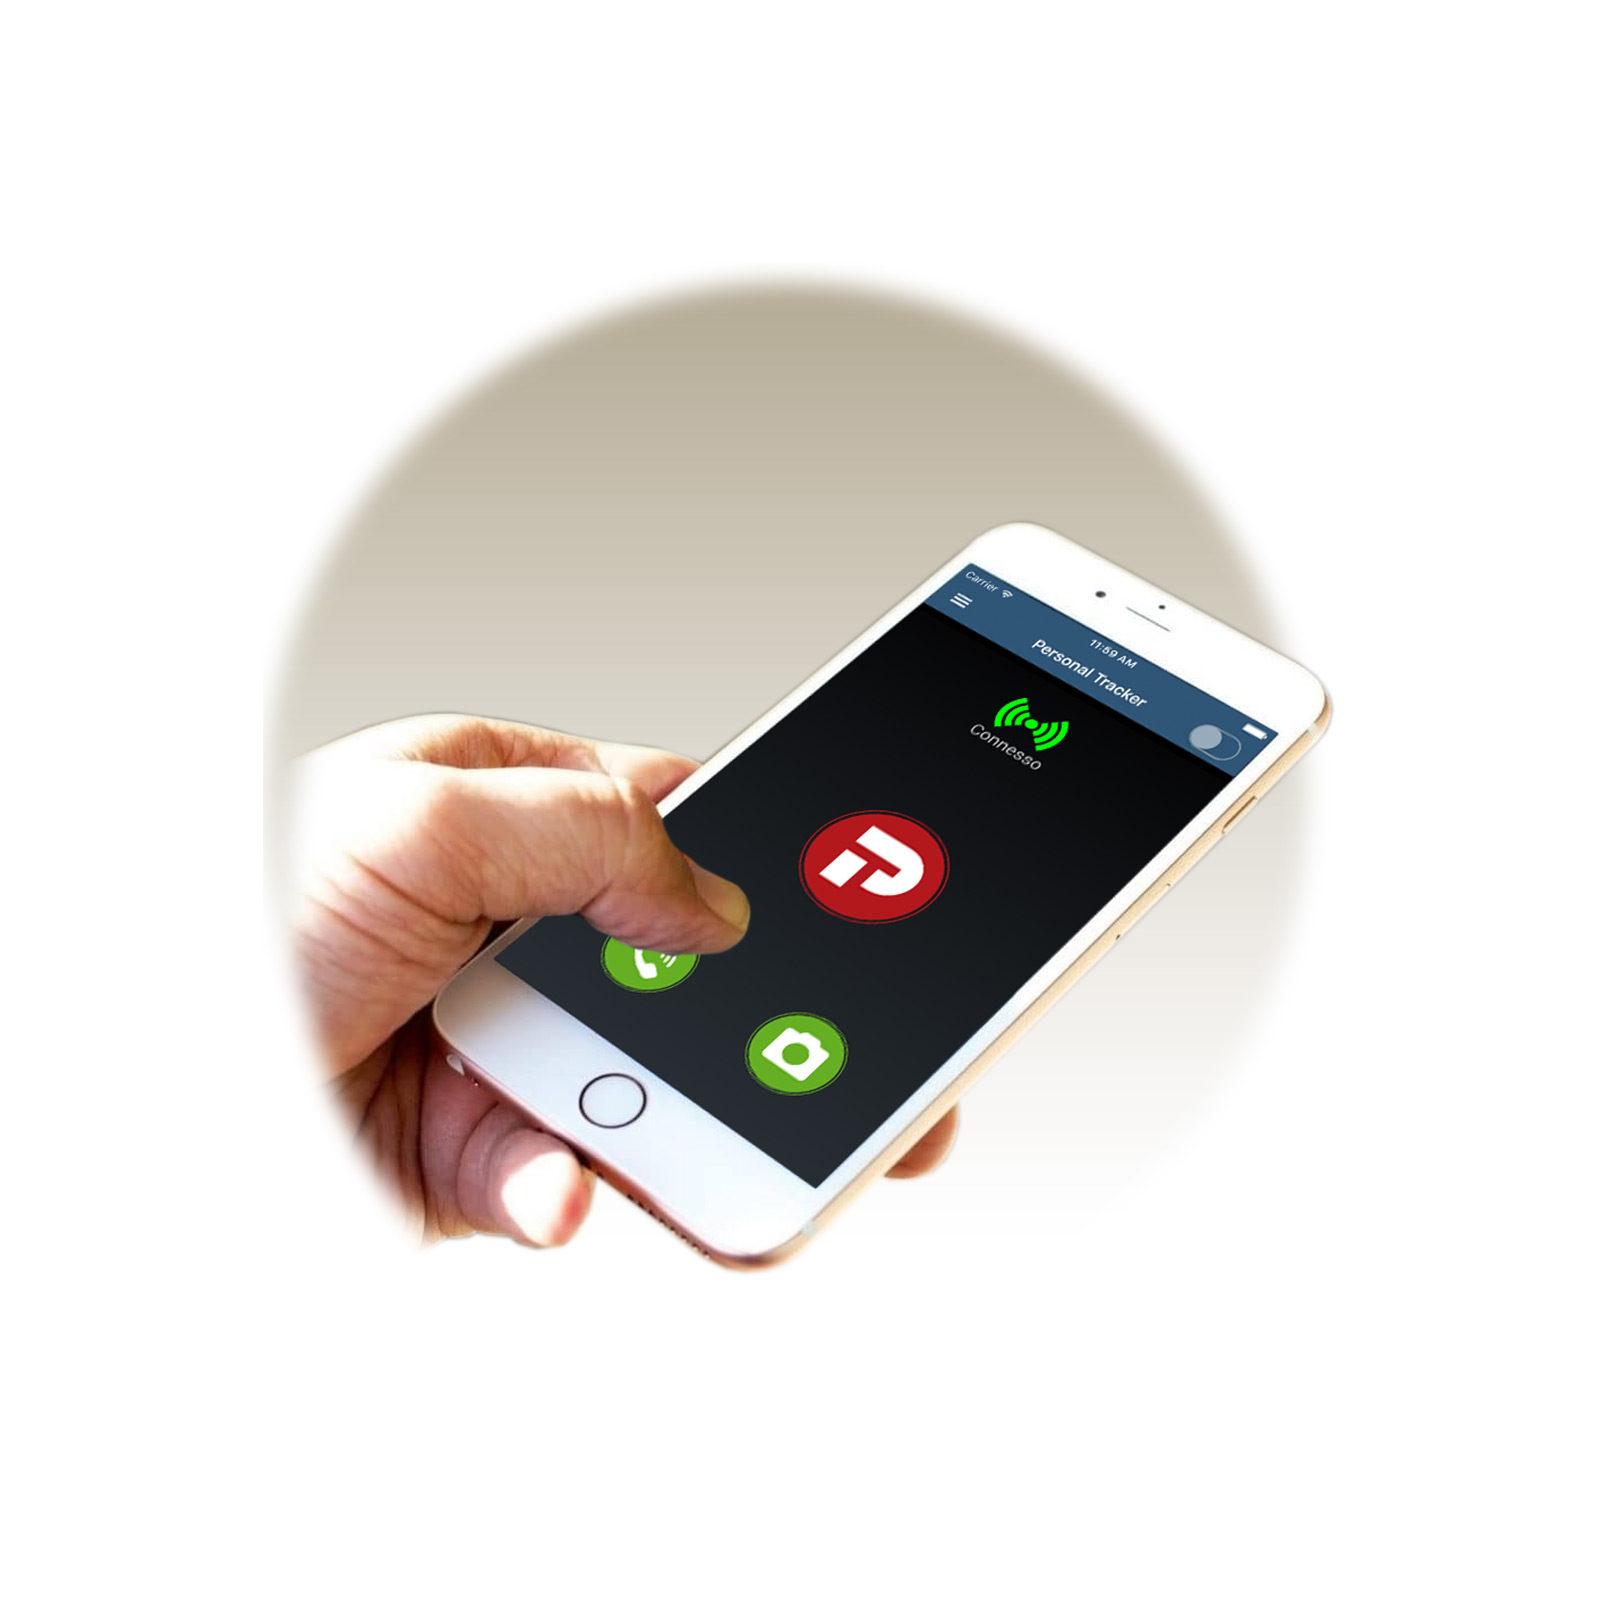 personal-tracker-applicazione-smartphone-sicurezza